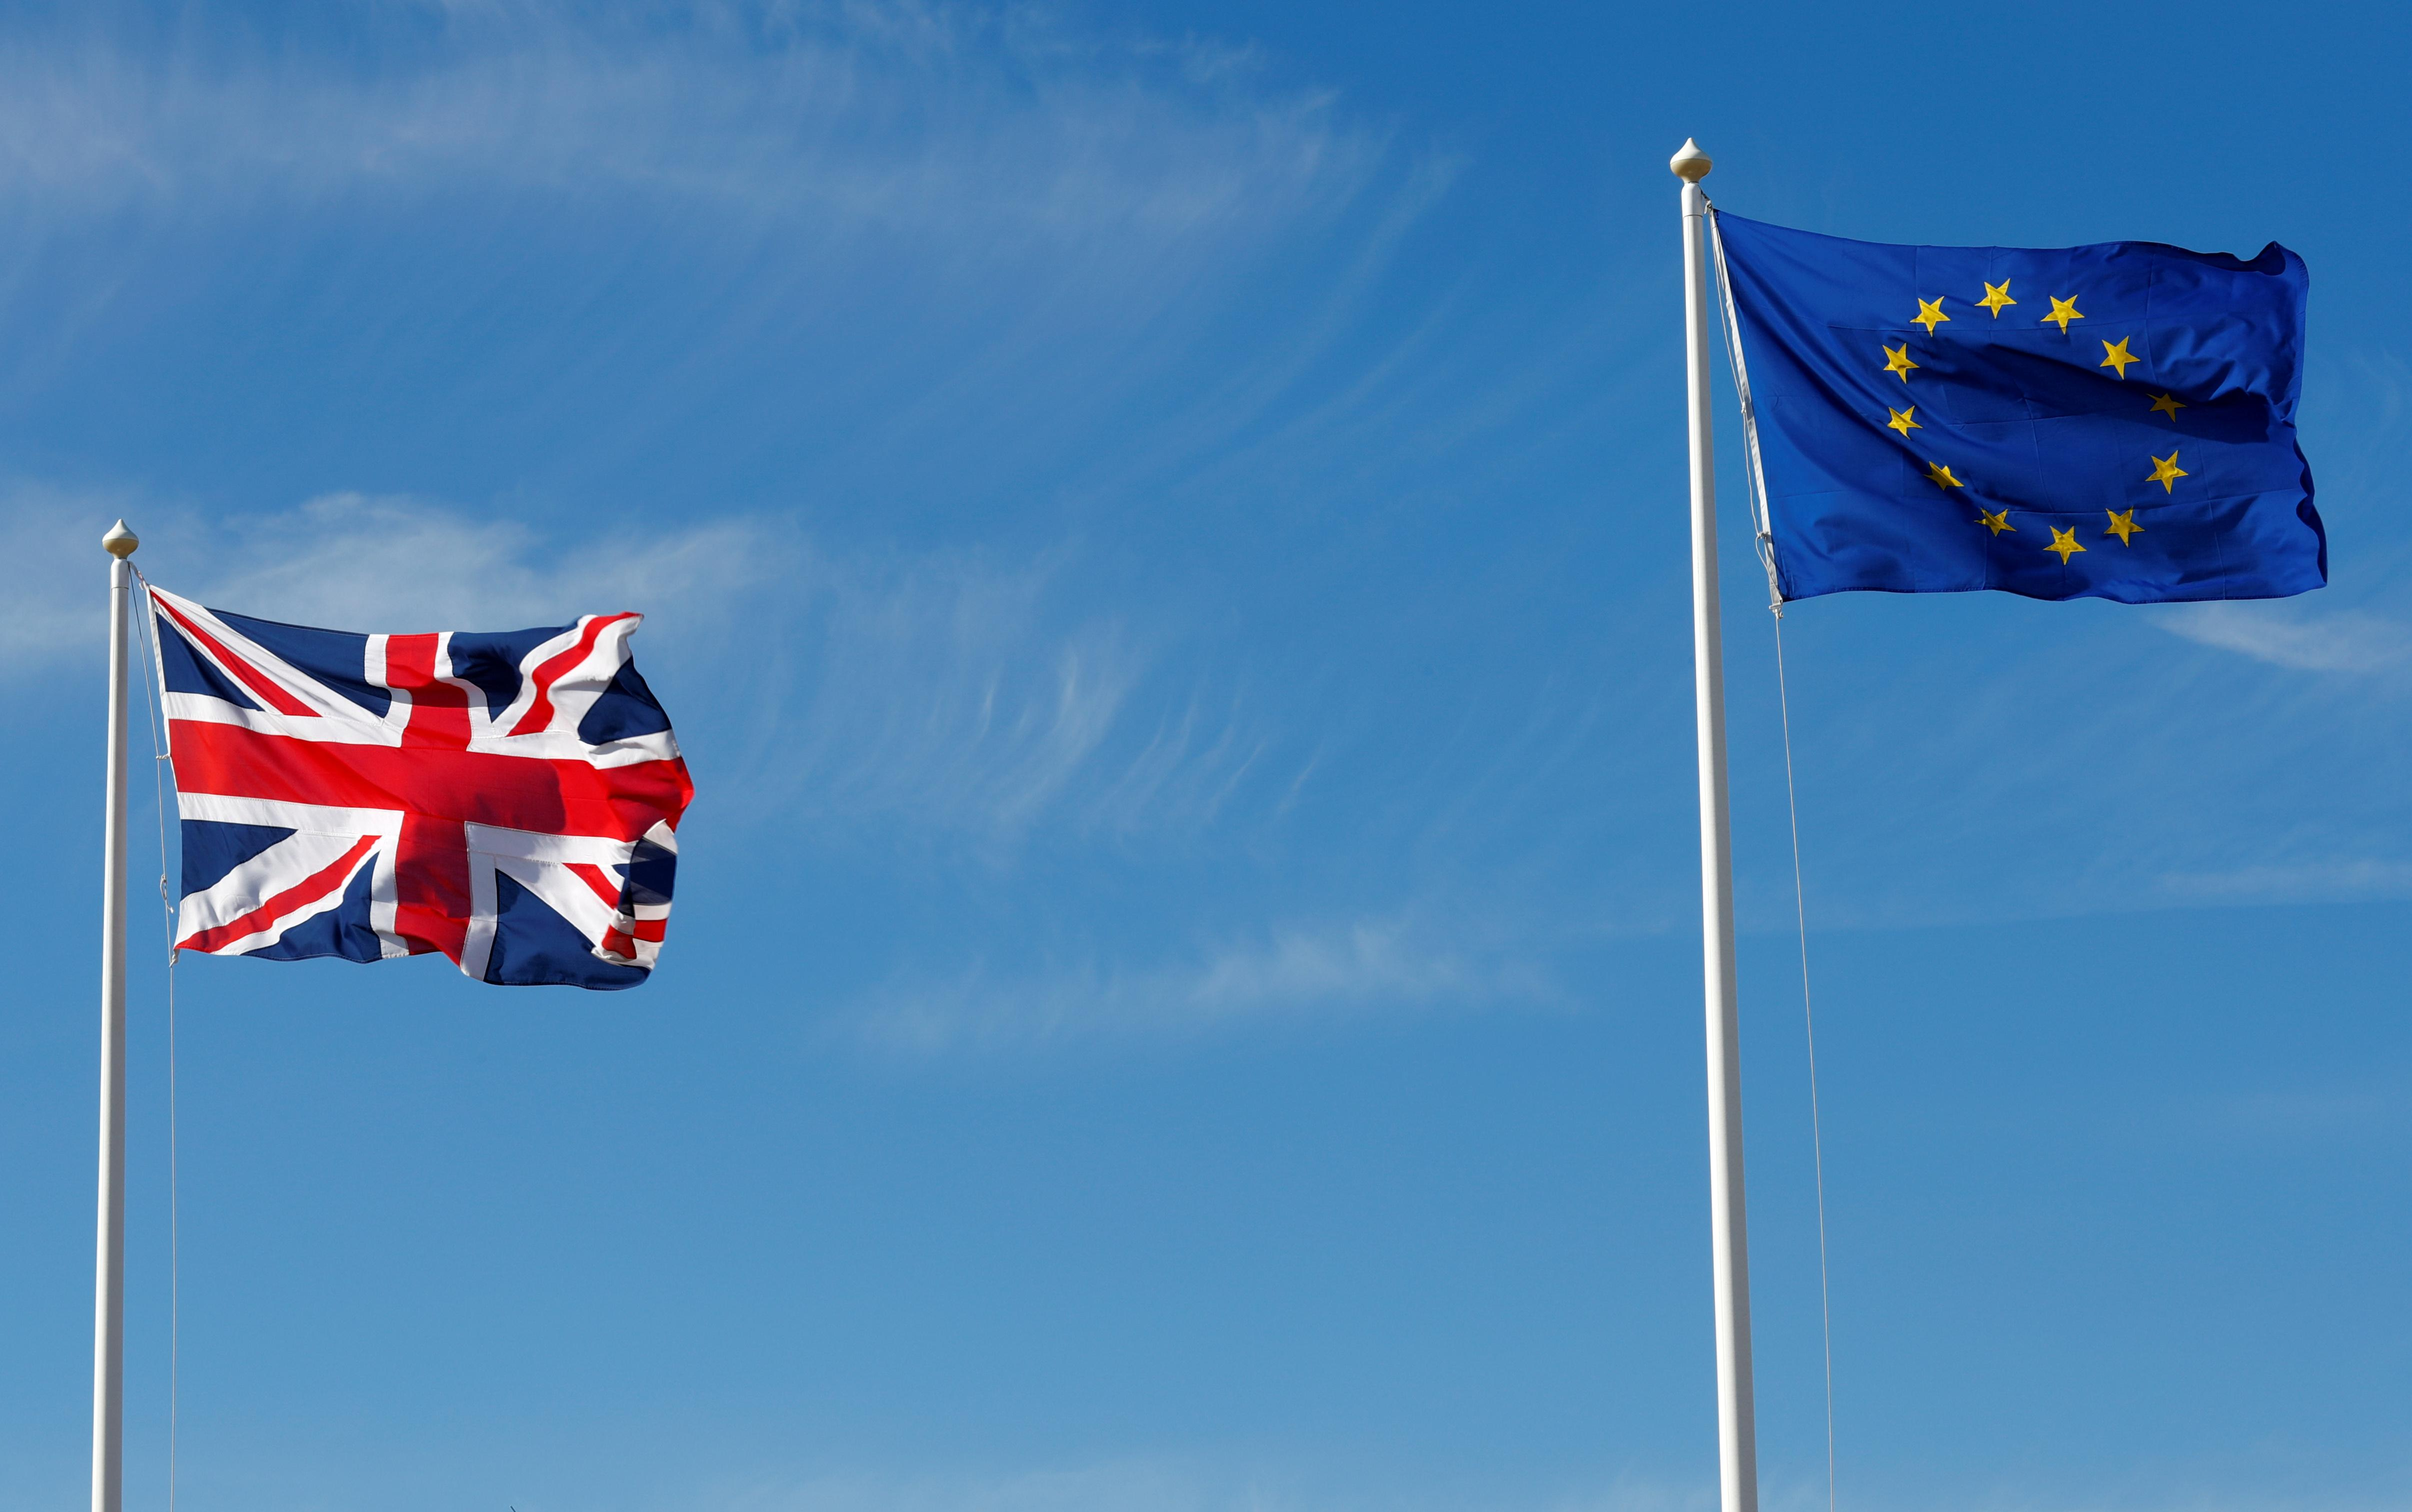 Ireland says no Brexit breakthrough as EU needs credible proposals